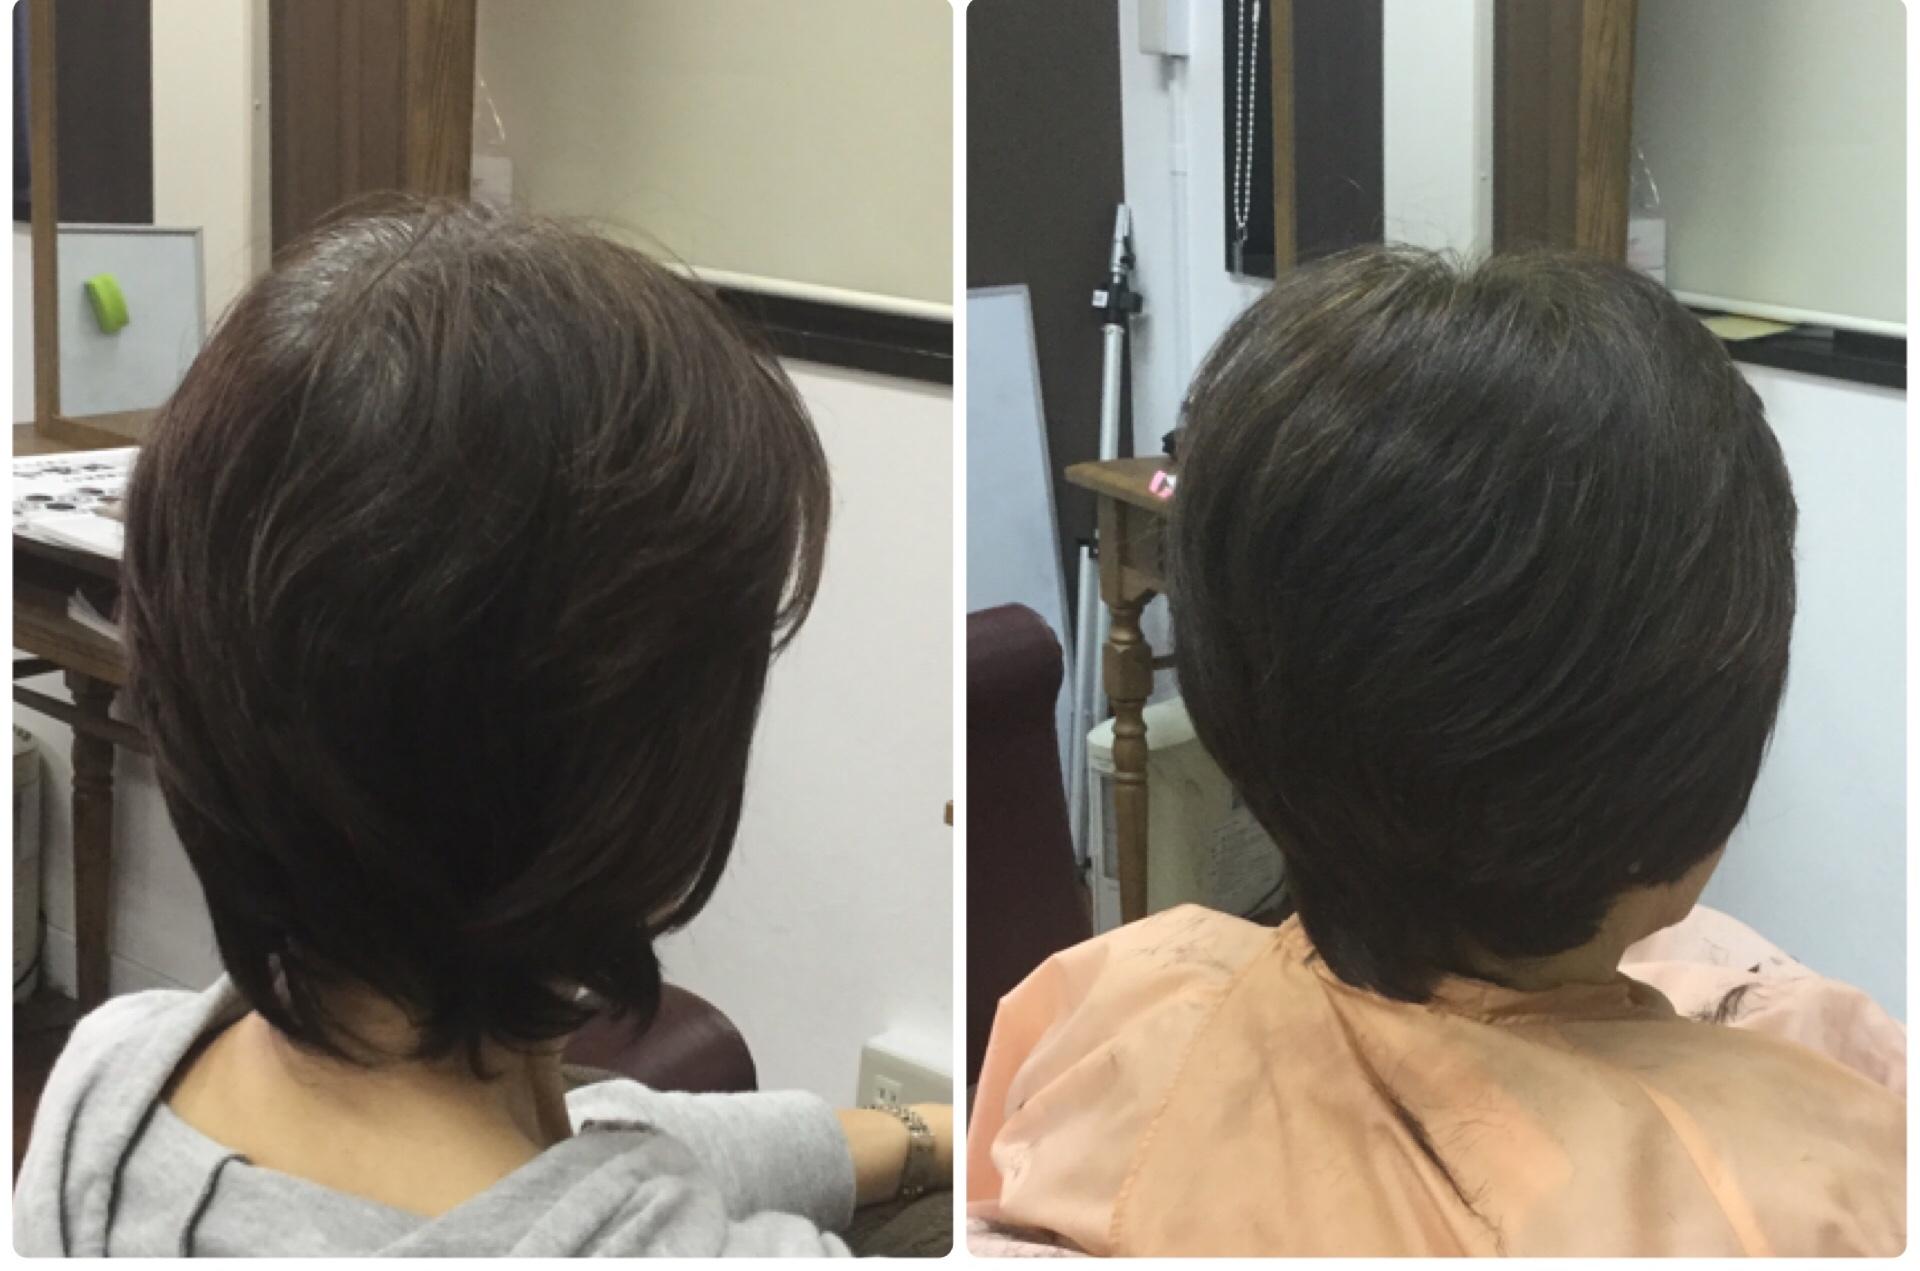 I髪に頭皮の健康を考えるなら【天然100%ヘナ】と梳かないカットの神戸くせ毛専門美容室アバディ